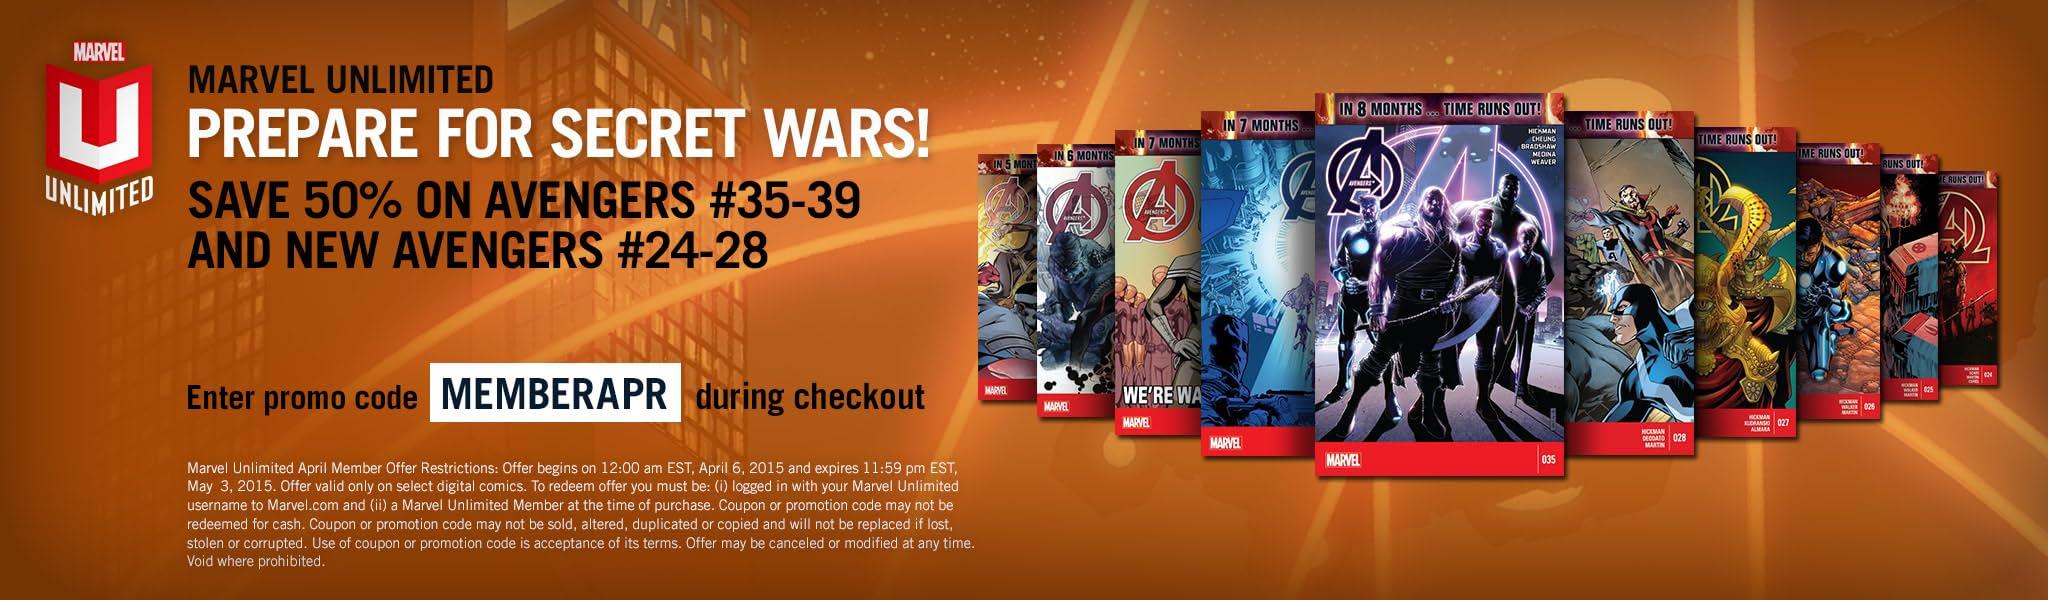 marvel unlimited spotlight offer april 2015 marvel comics